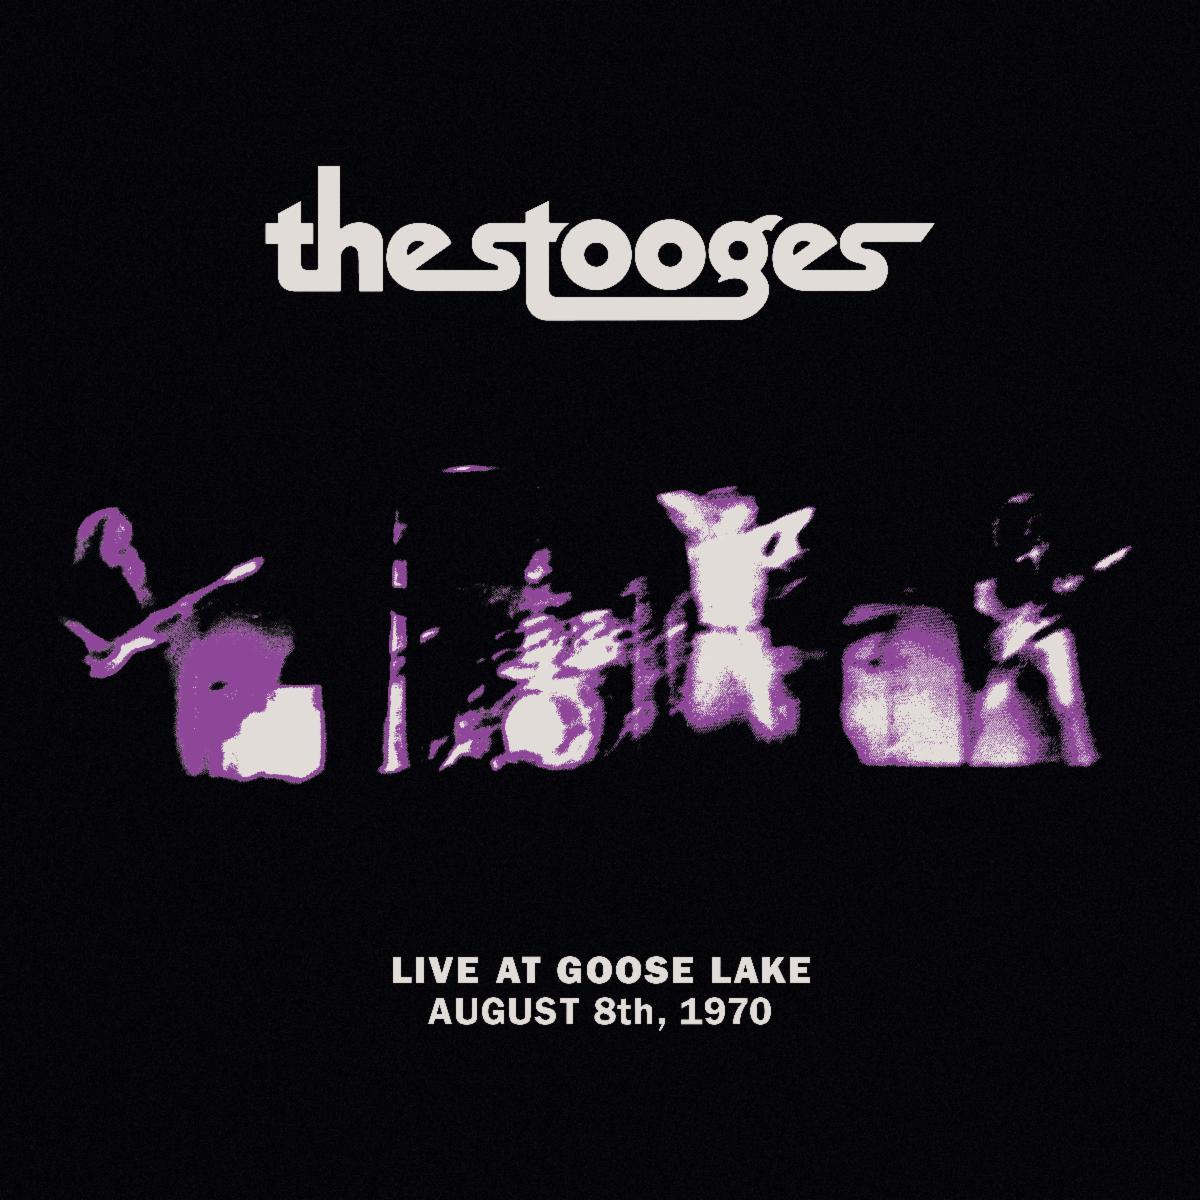 Stooges Live at Goose lake